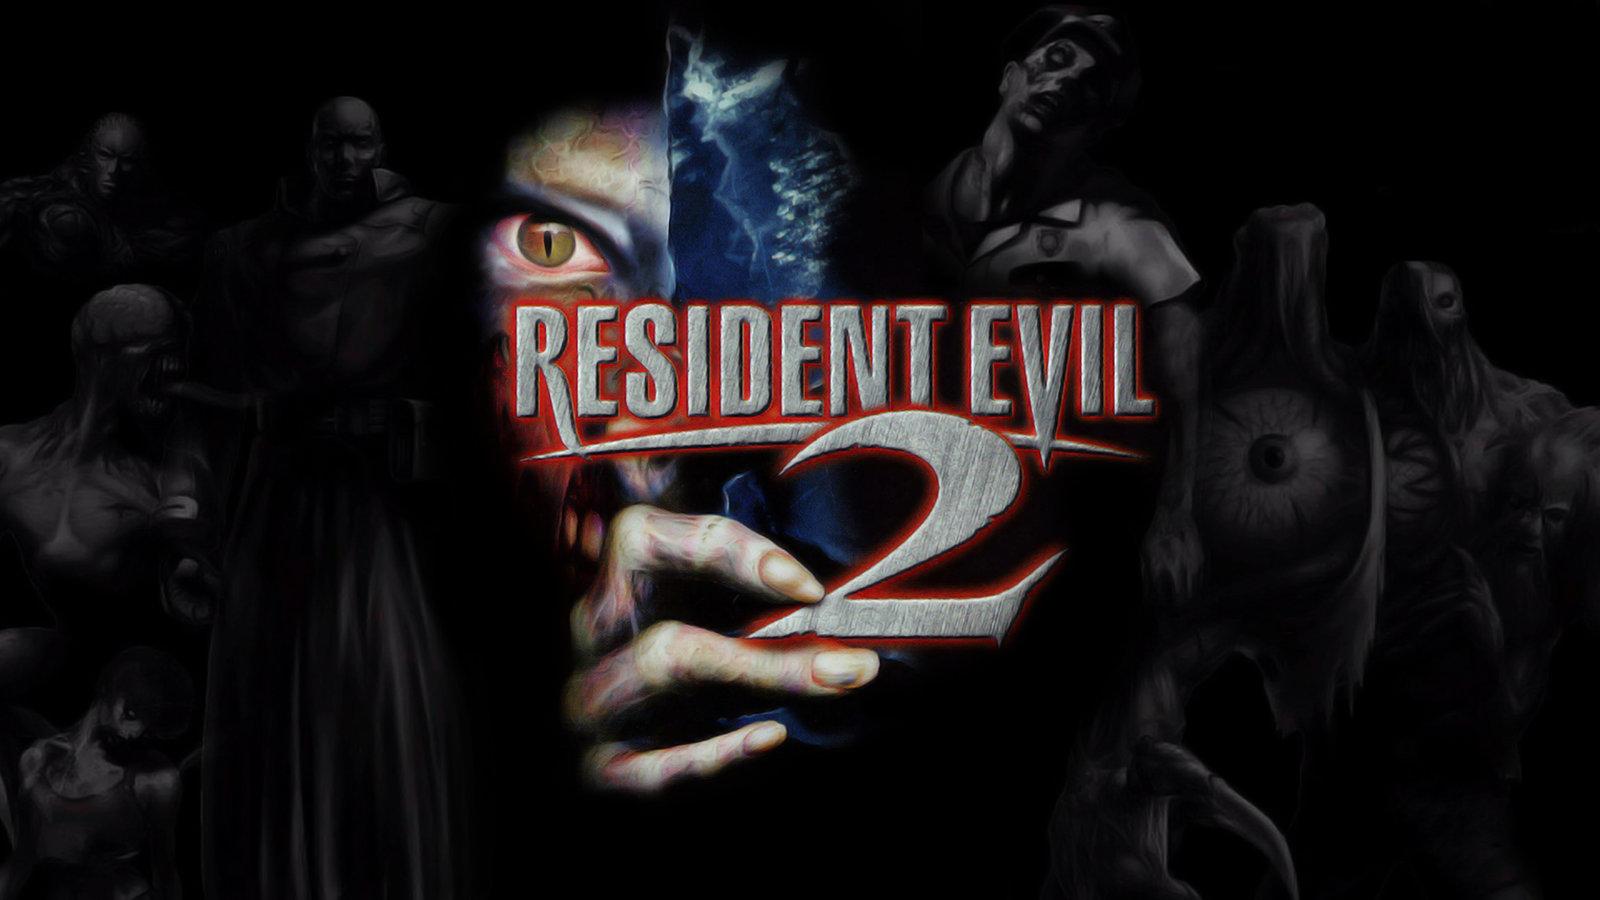 تحميل لعبة الرعب الشر المقيم الجزء الثاني - Resident Evil 2 (1998)